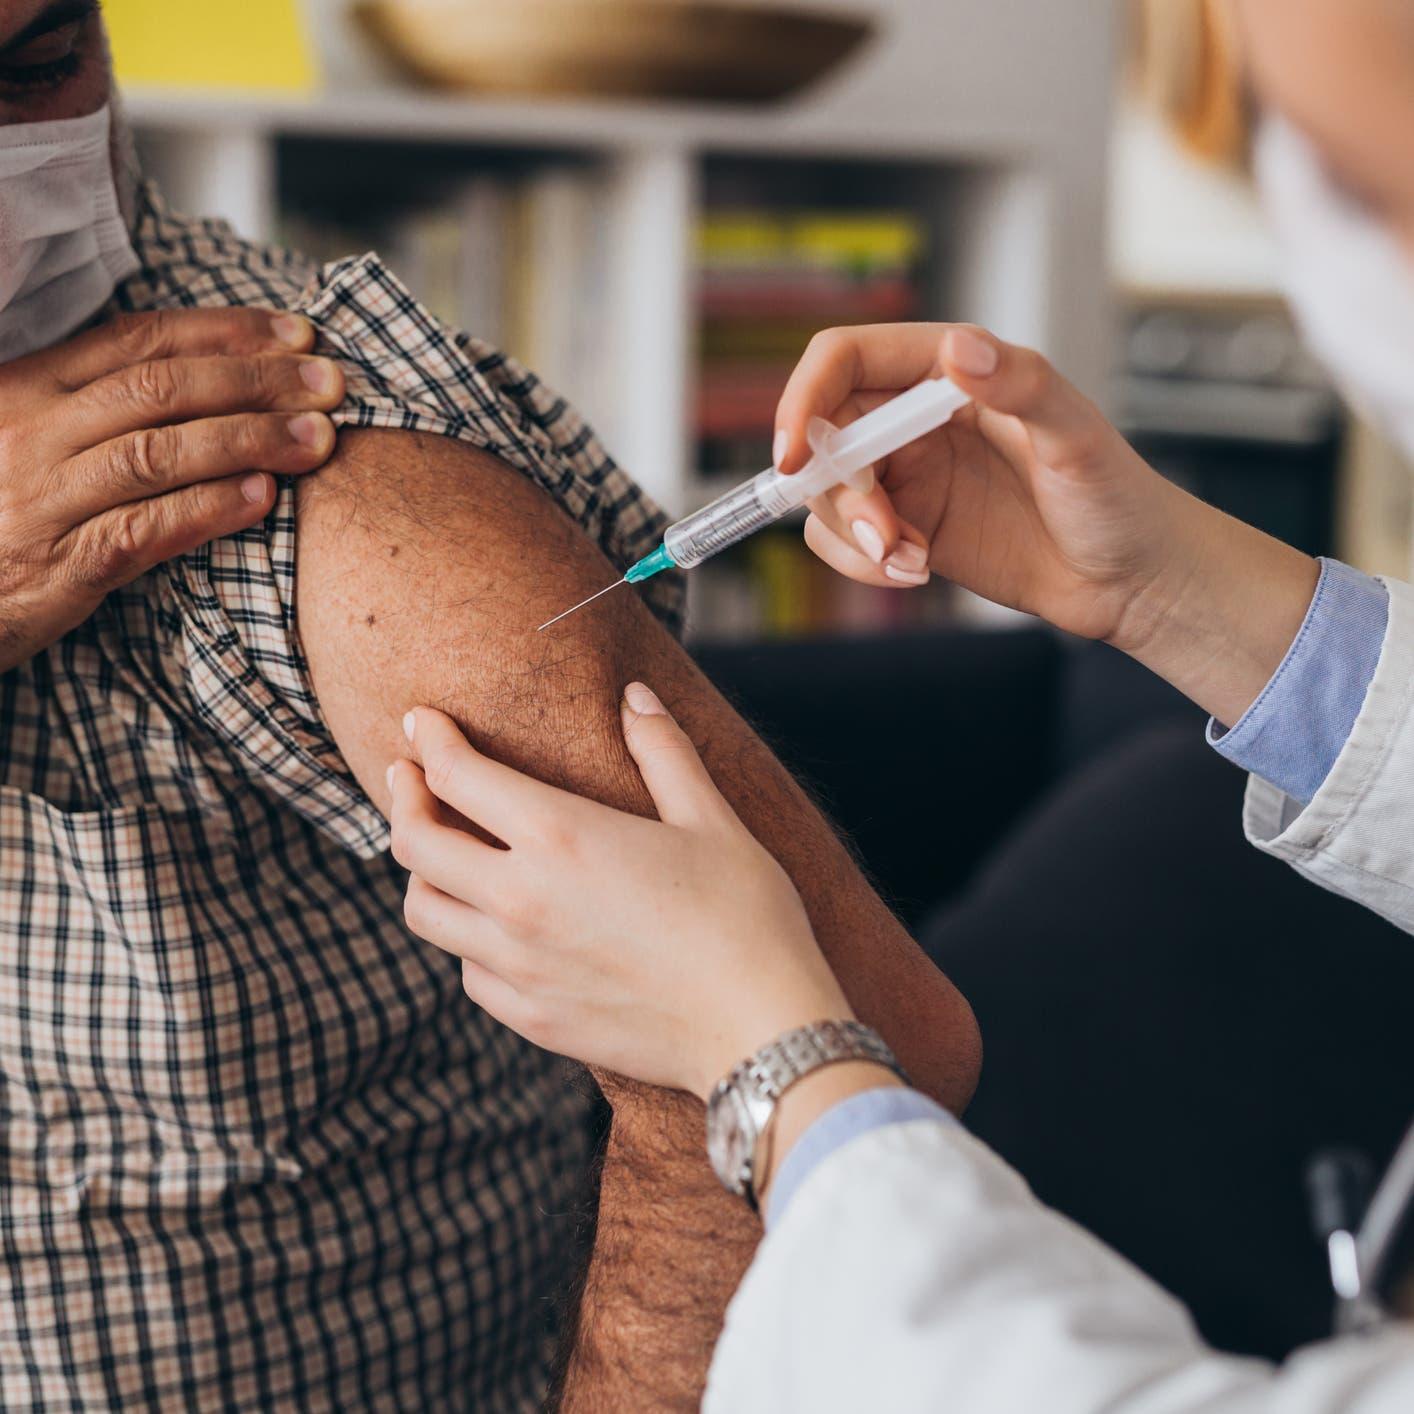 غوتيريش: حملة التطعيم العالمية أعظم اختبار أخلاقي بعصرنا